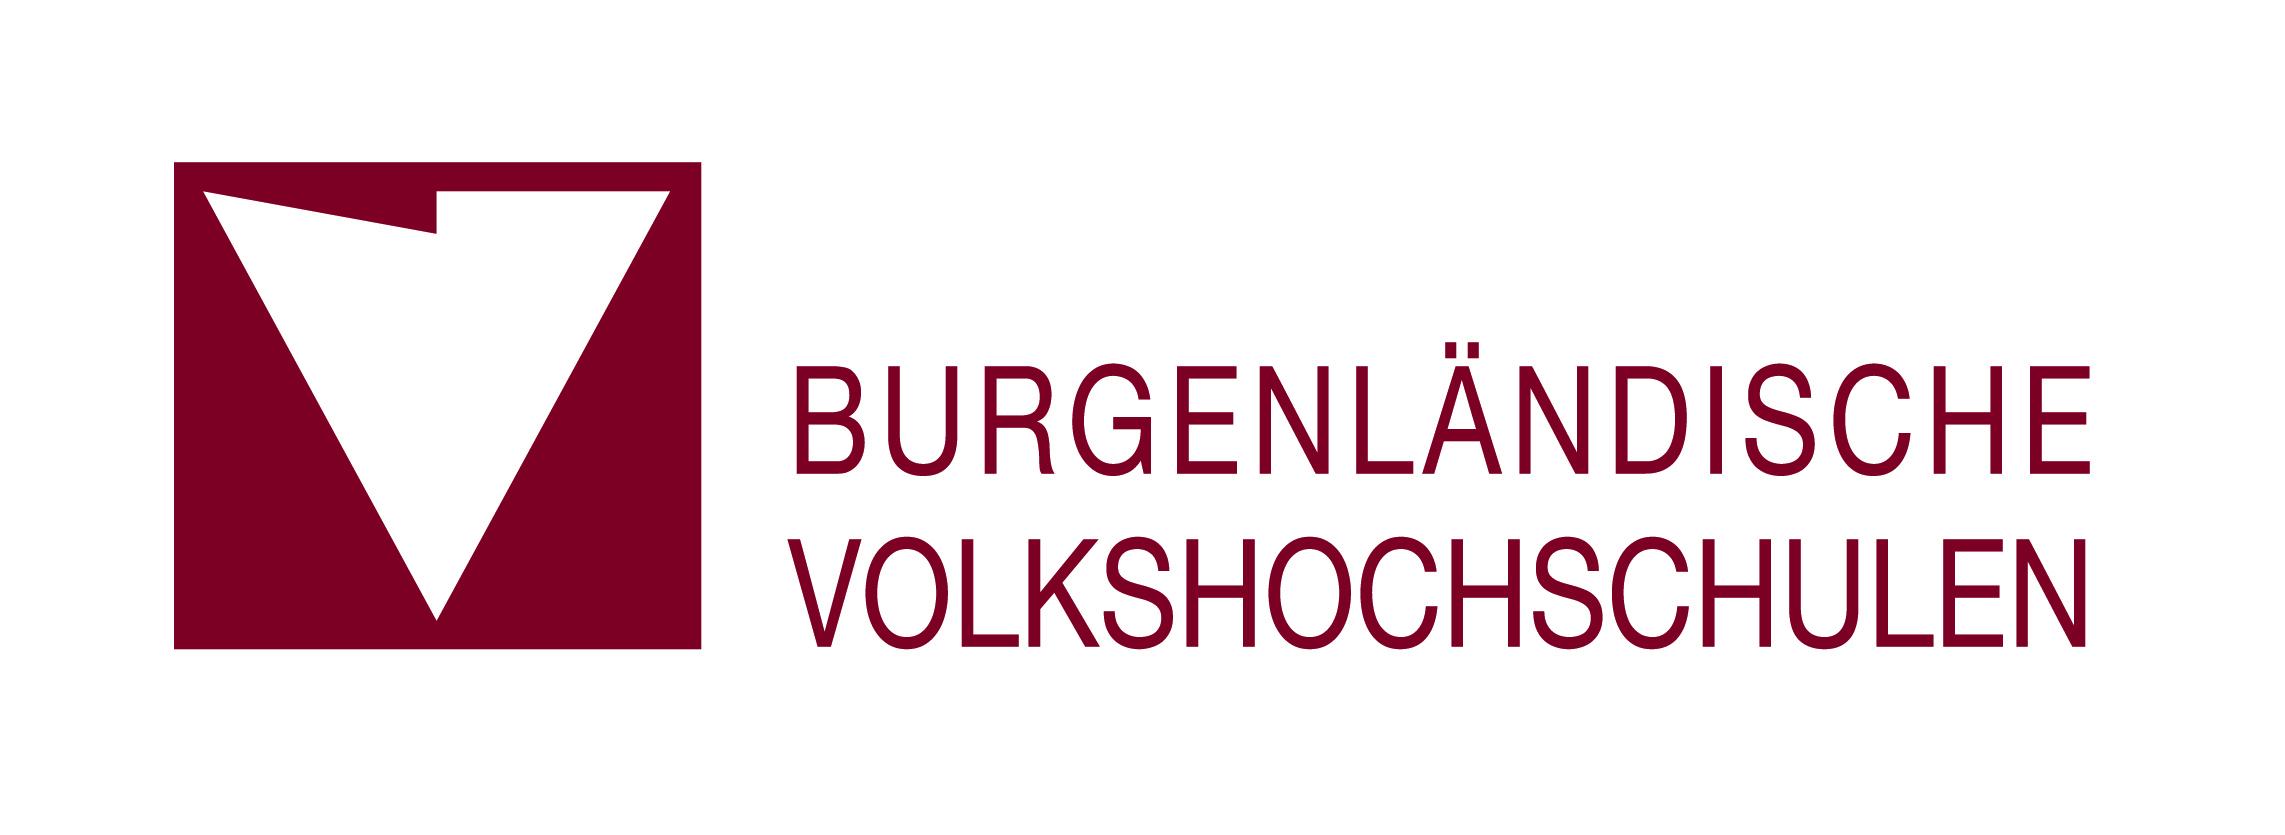 Burgenländische Volkshochschulen